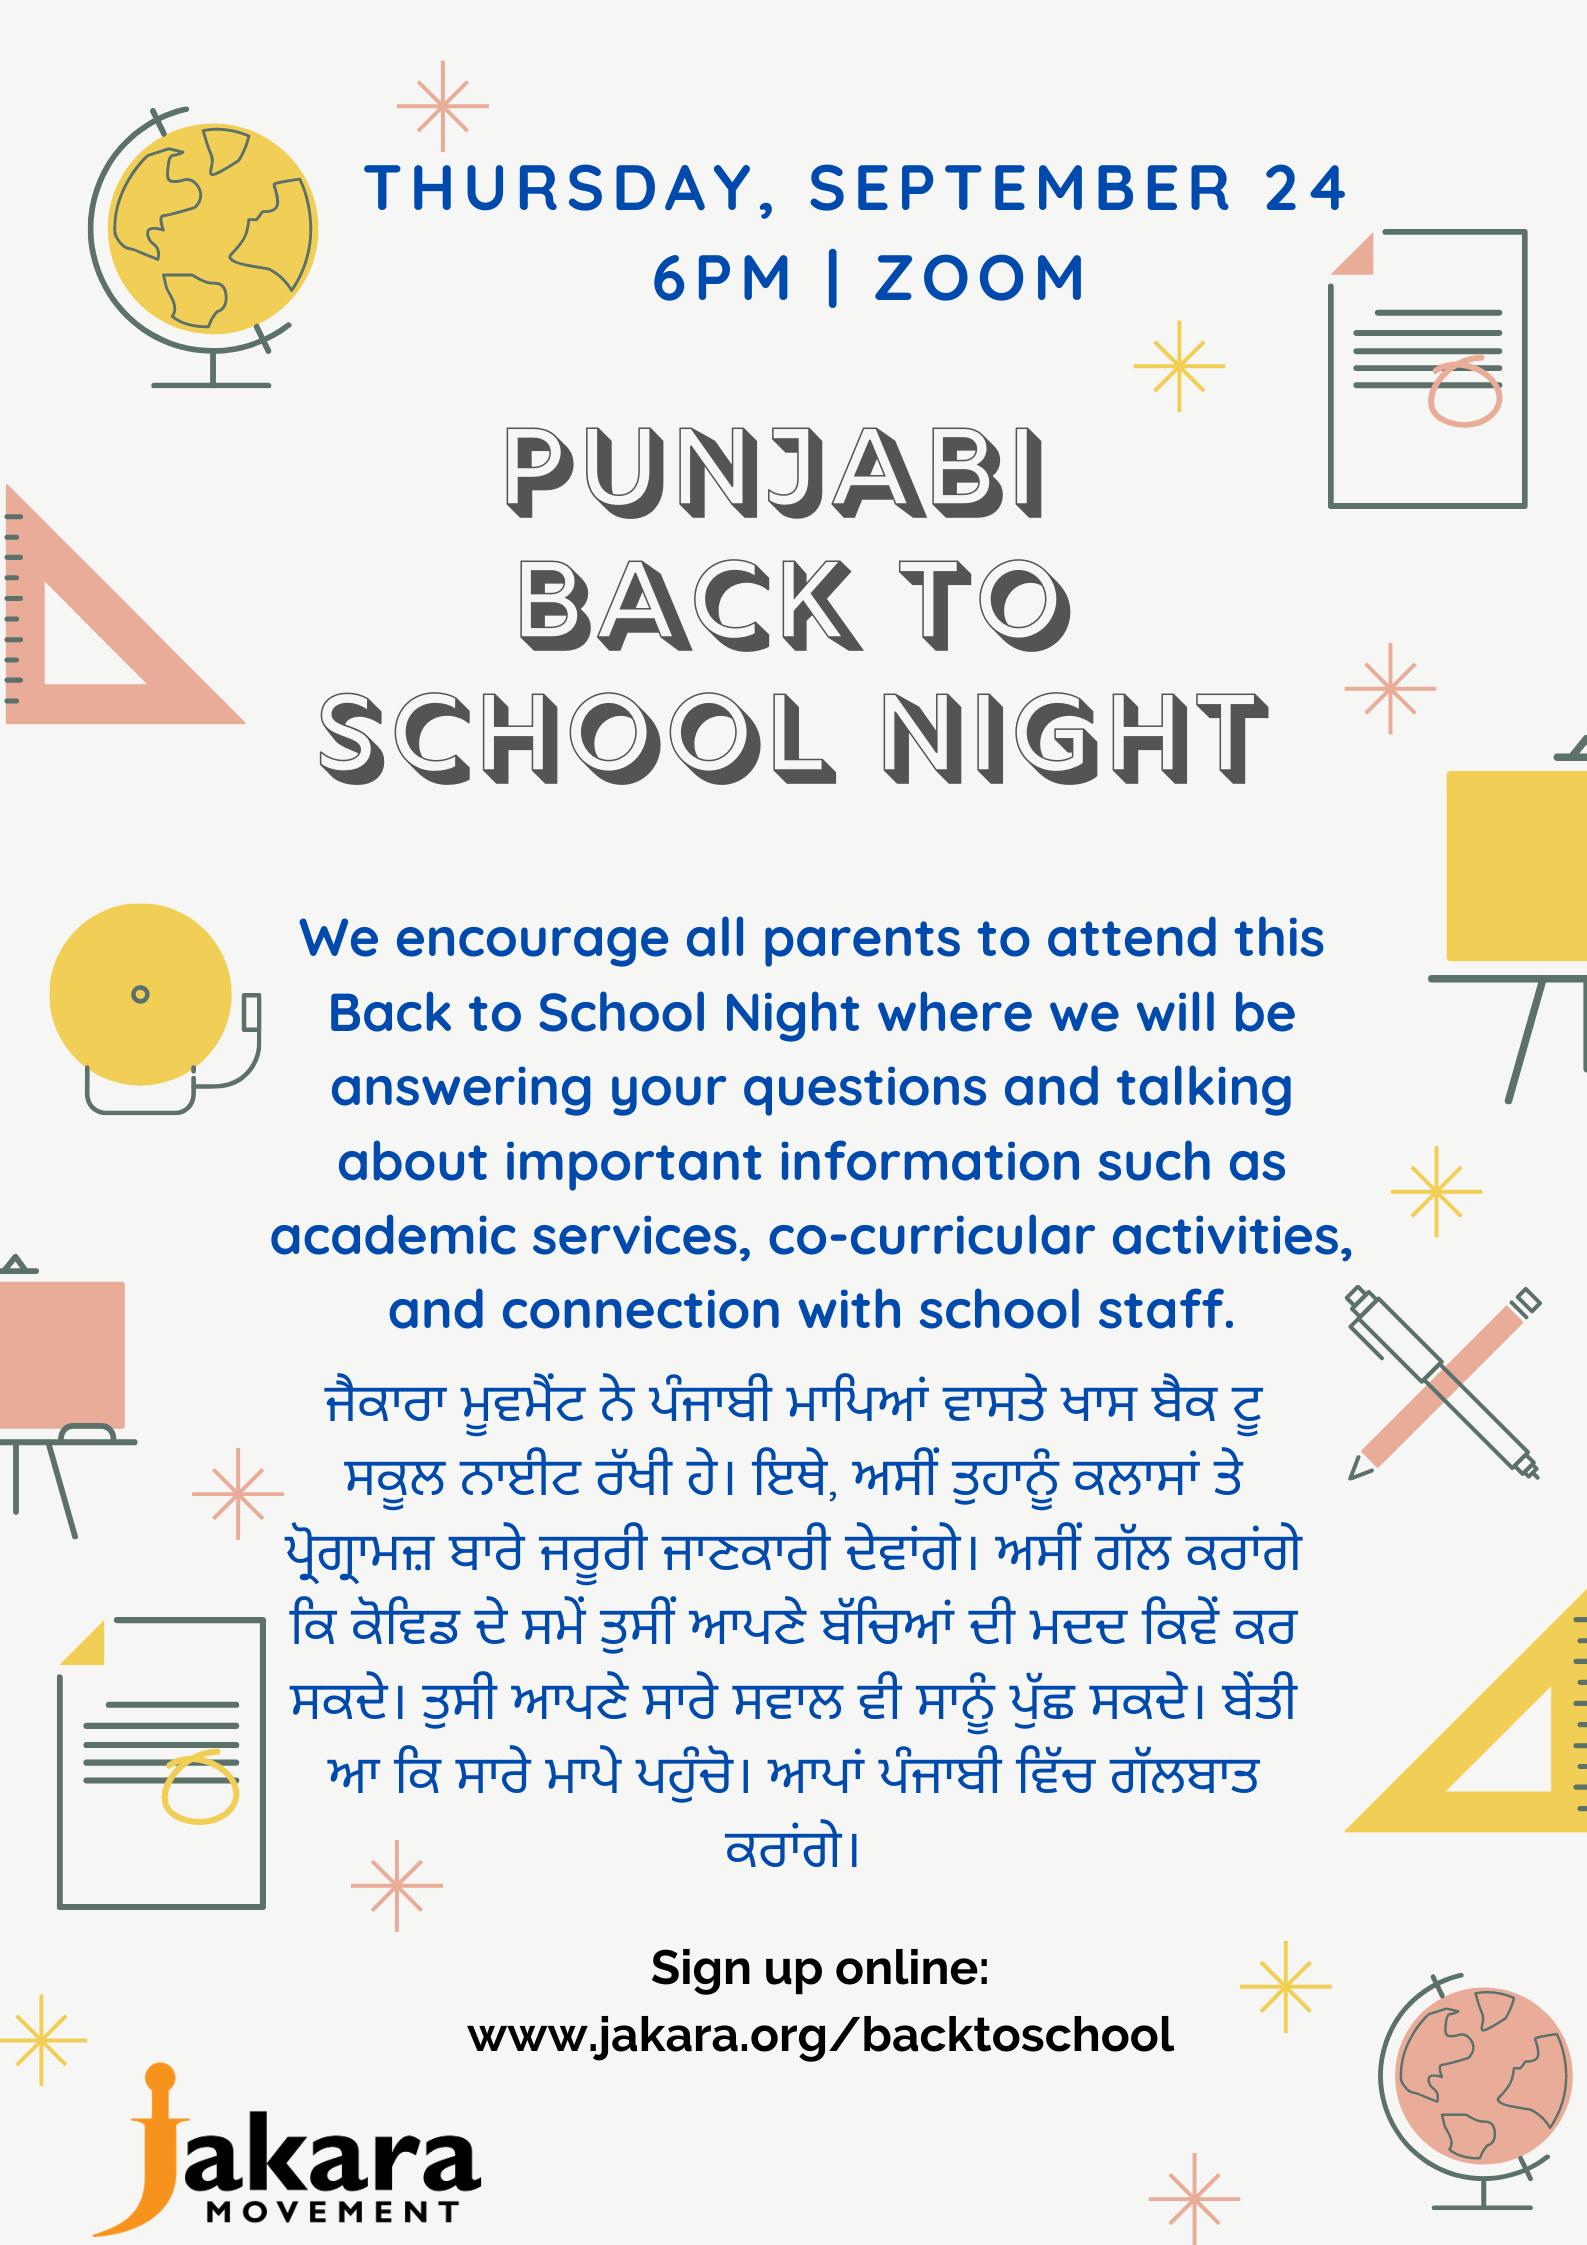 punjabi_back_to_school_night_2020.png